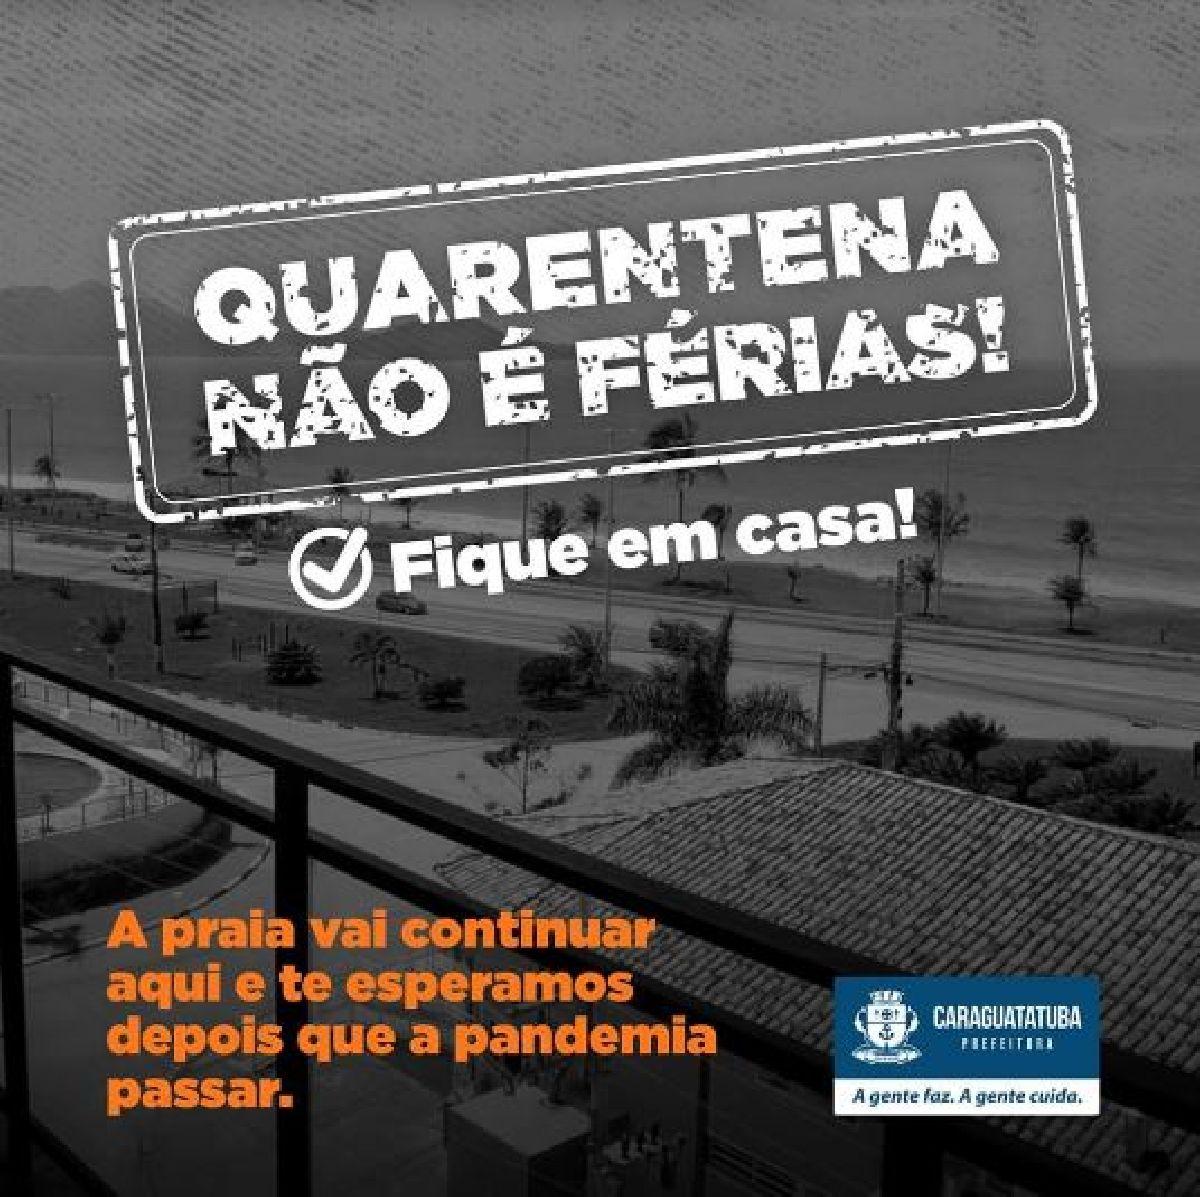 CIRCUITO LITORAL NORTE DE SÃO PAULO REFORÇA POSICIONAMENTO DAS CIDADES SOBRE O COVID-19